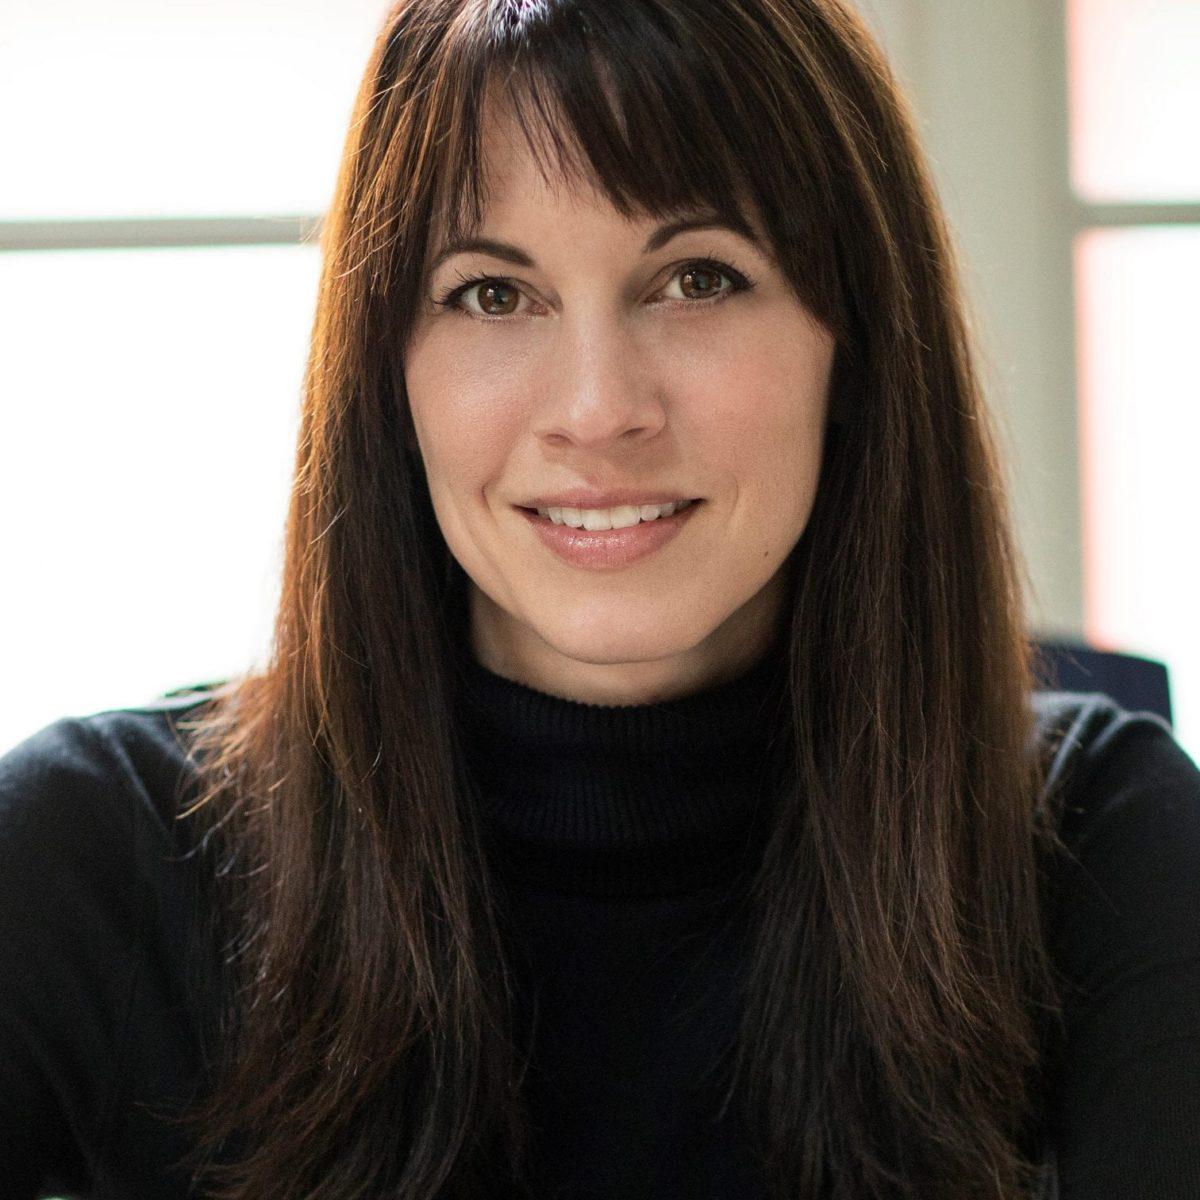 Jessica Rohman